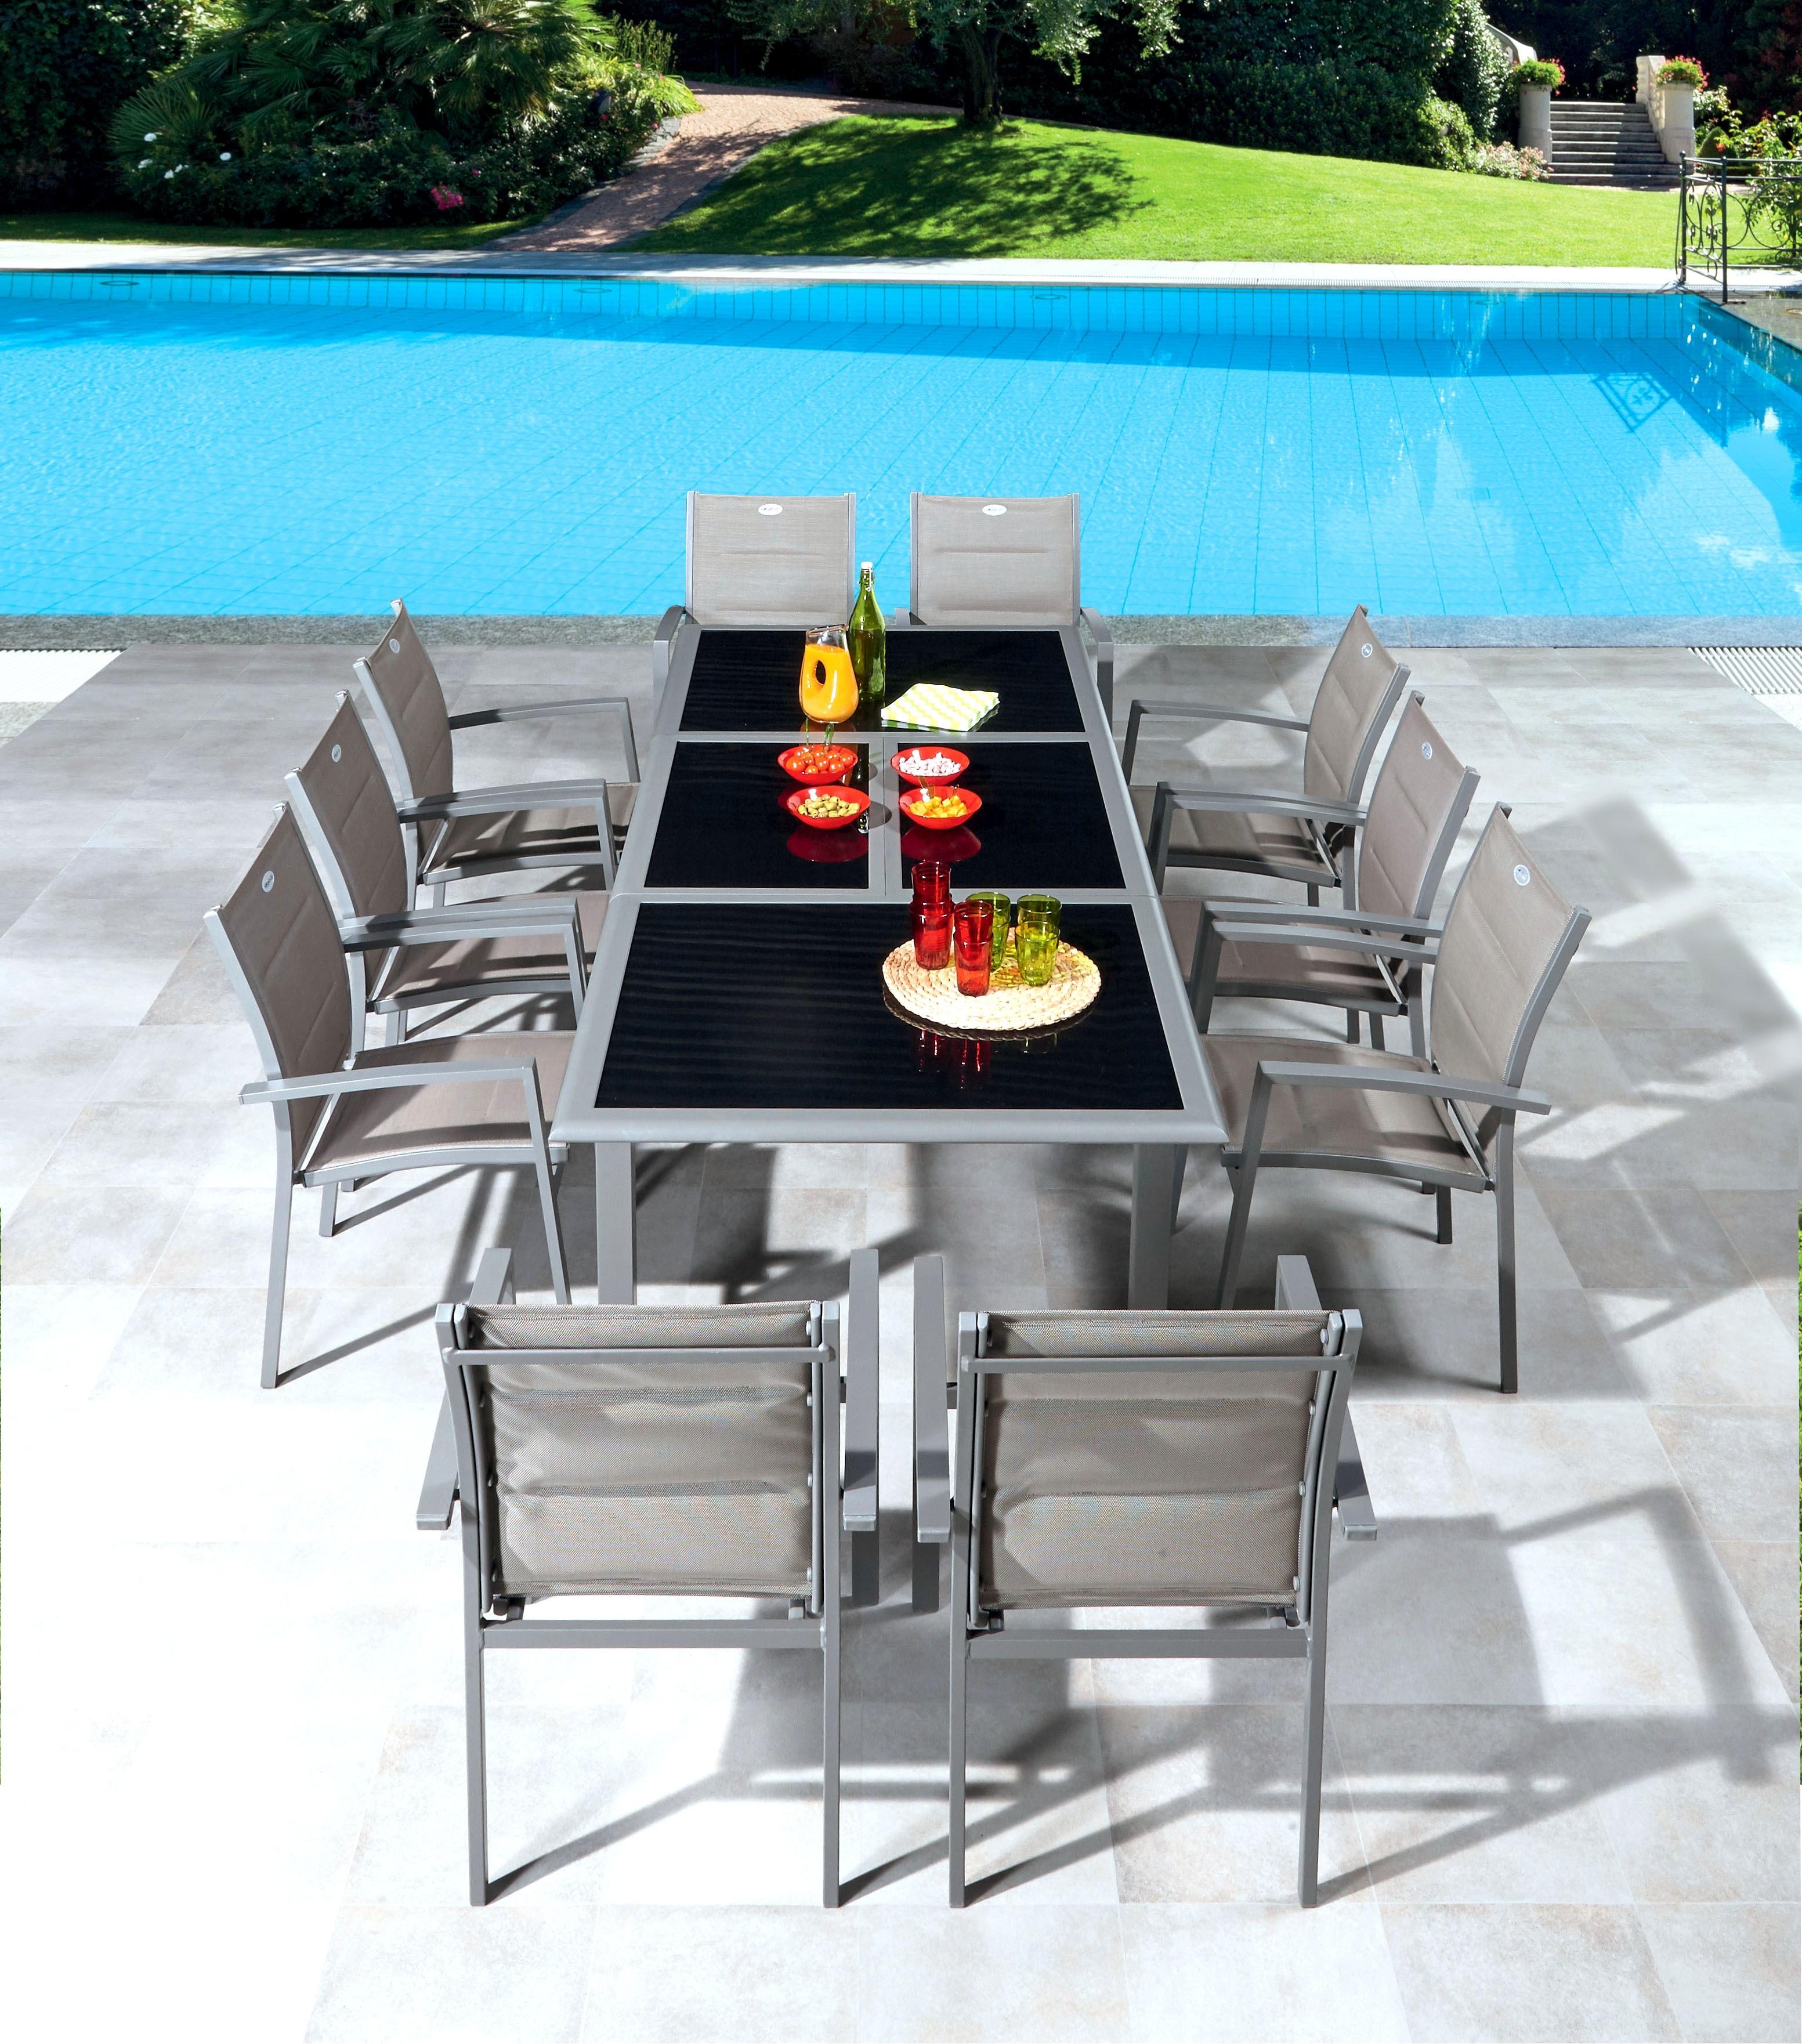 Table Basse Gifi Frais Images 65 Meilleur De S De Bain De soleil Gifi